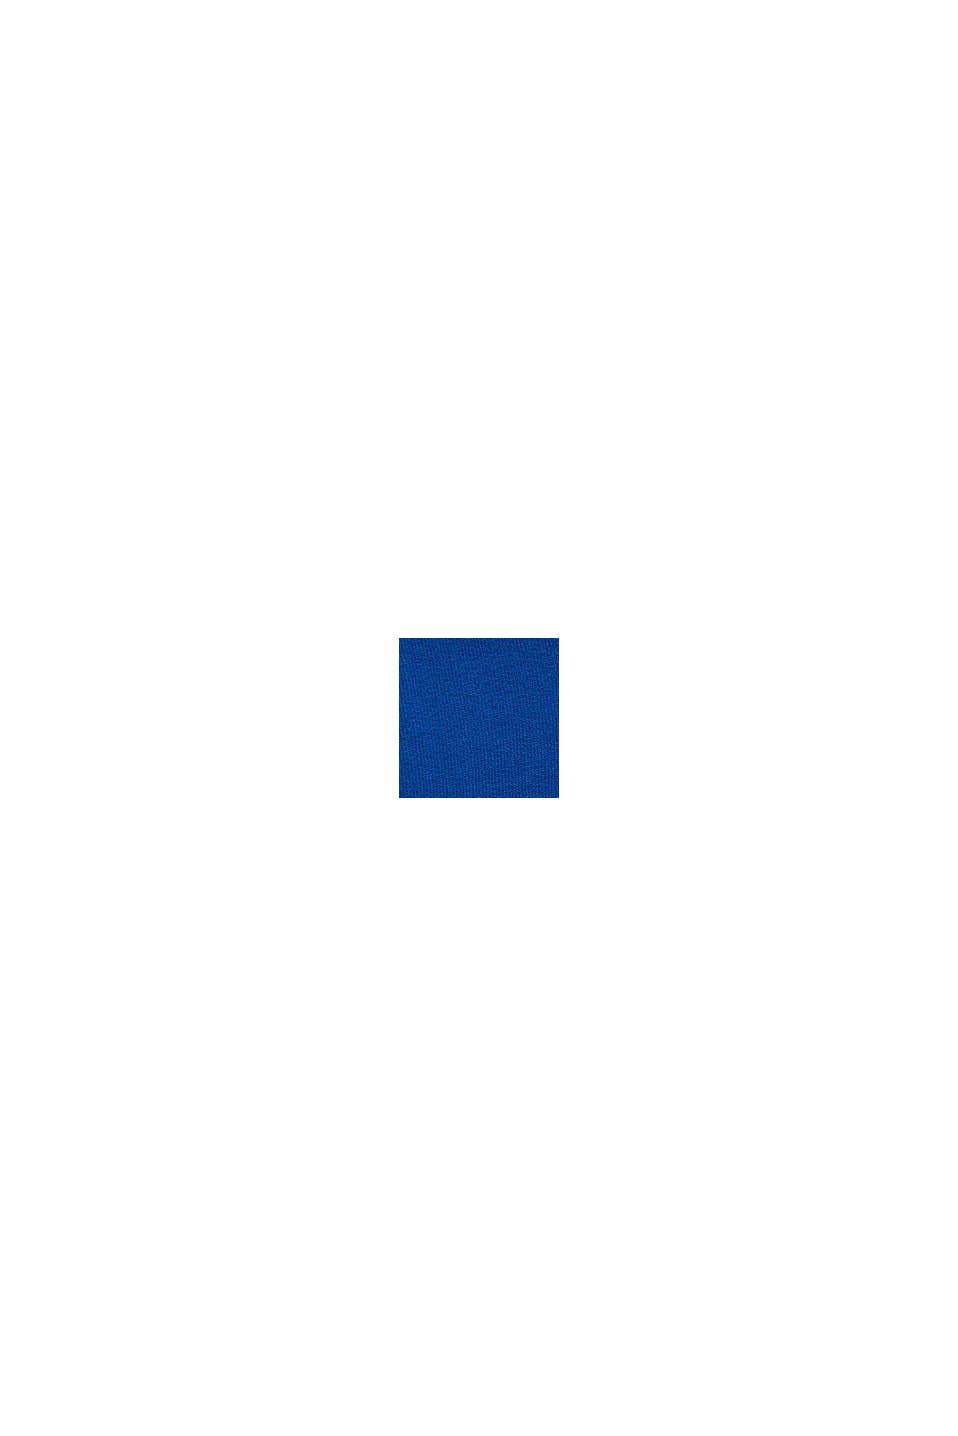 Hoodie aus 100% Baumwolle, BRIGHT BLUE, swatch